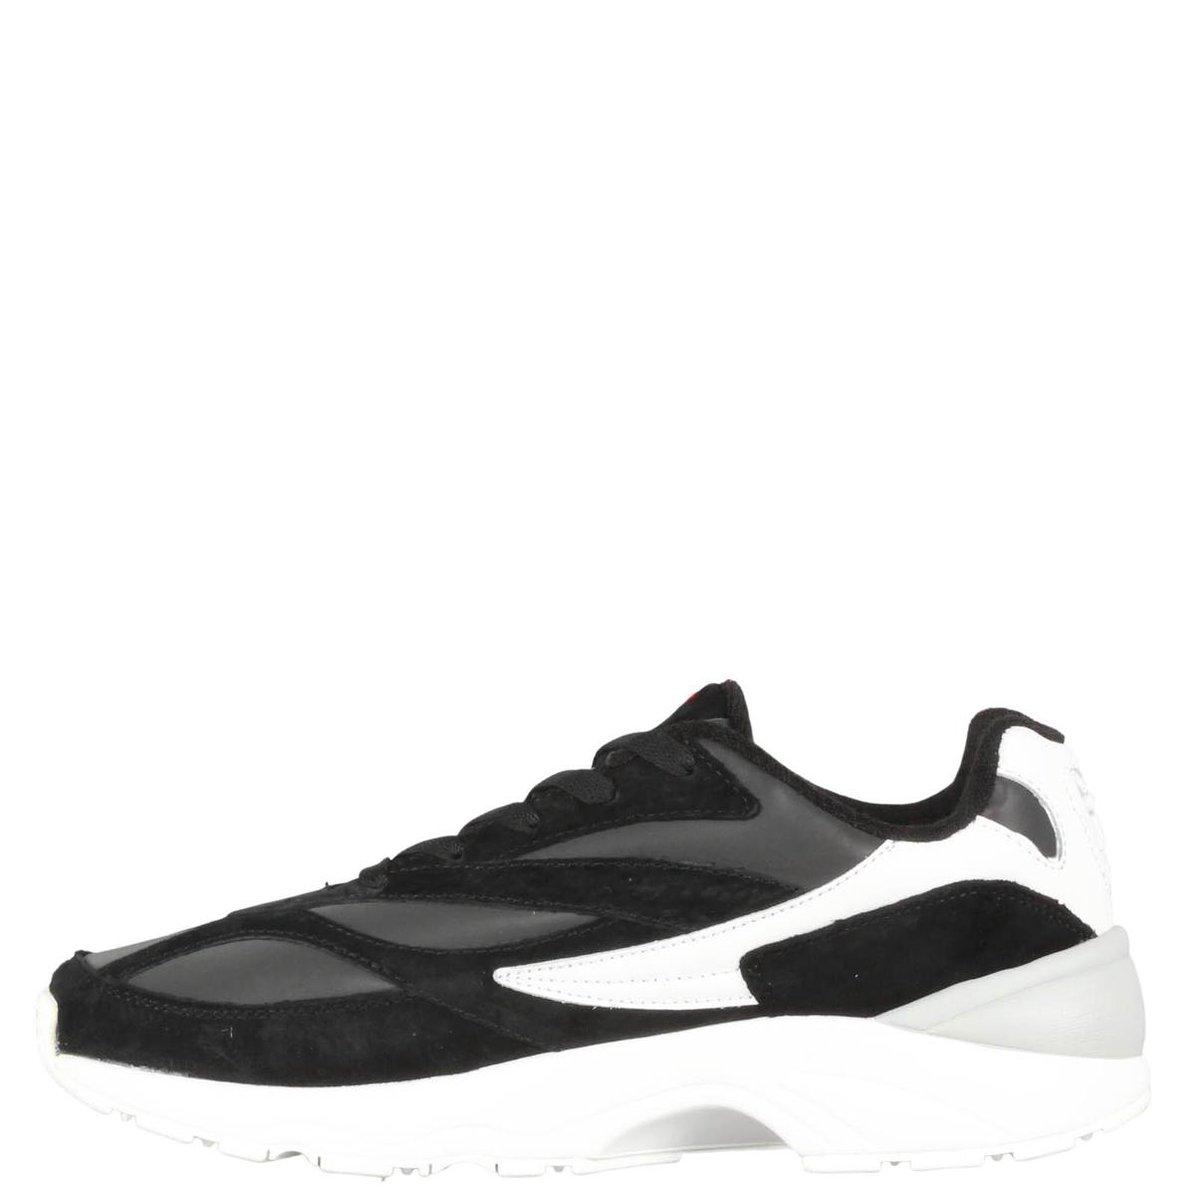 FILA V94M R Low Black/White Herensneakers | Kleur Zwart Wit| Maat 40,5 Sneakers